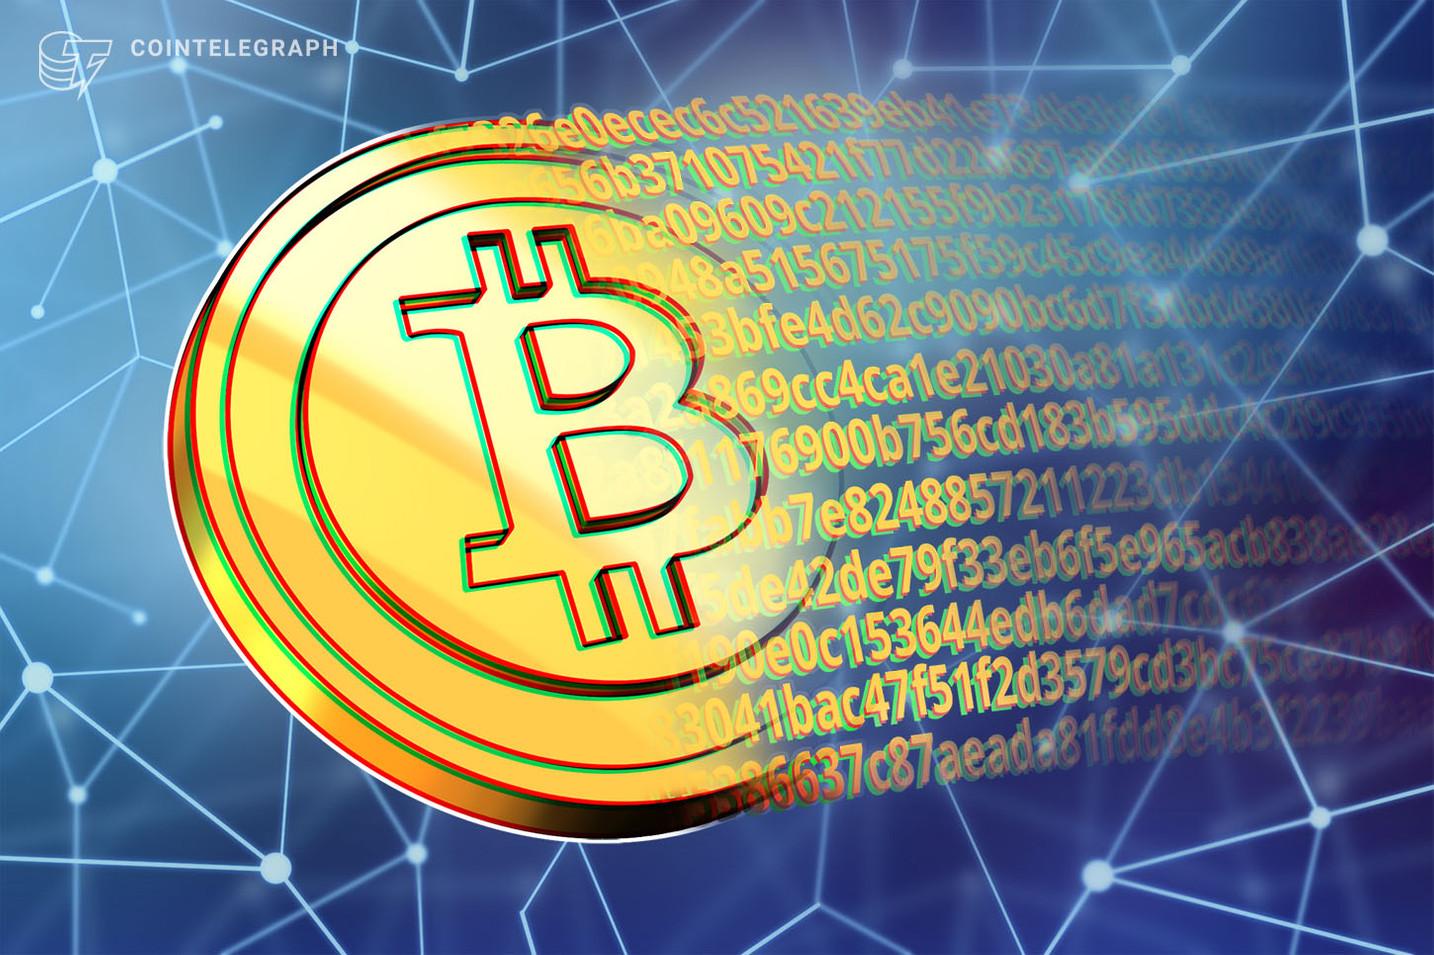 Bitcoin 'supercycle' zet Q4 BTC-prijstop neer, aangezien illiquide aanbod het hoogste punt ooit bereikt